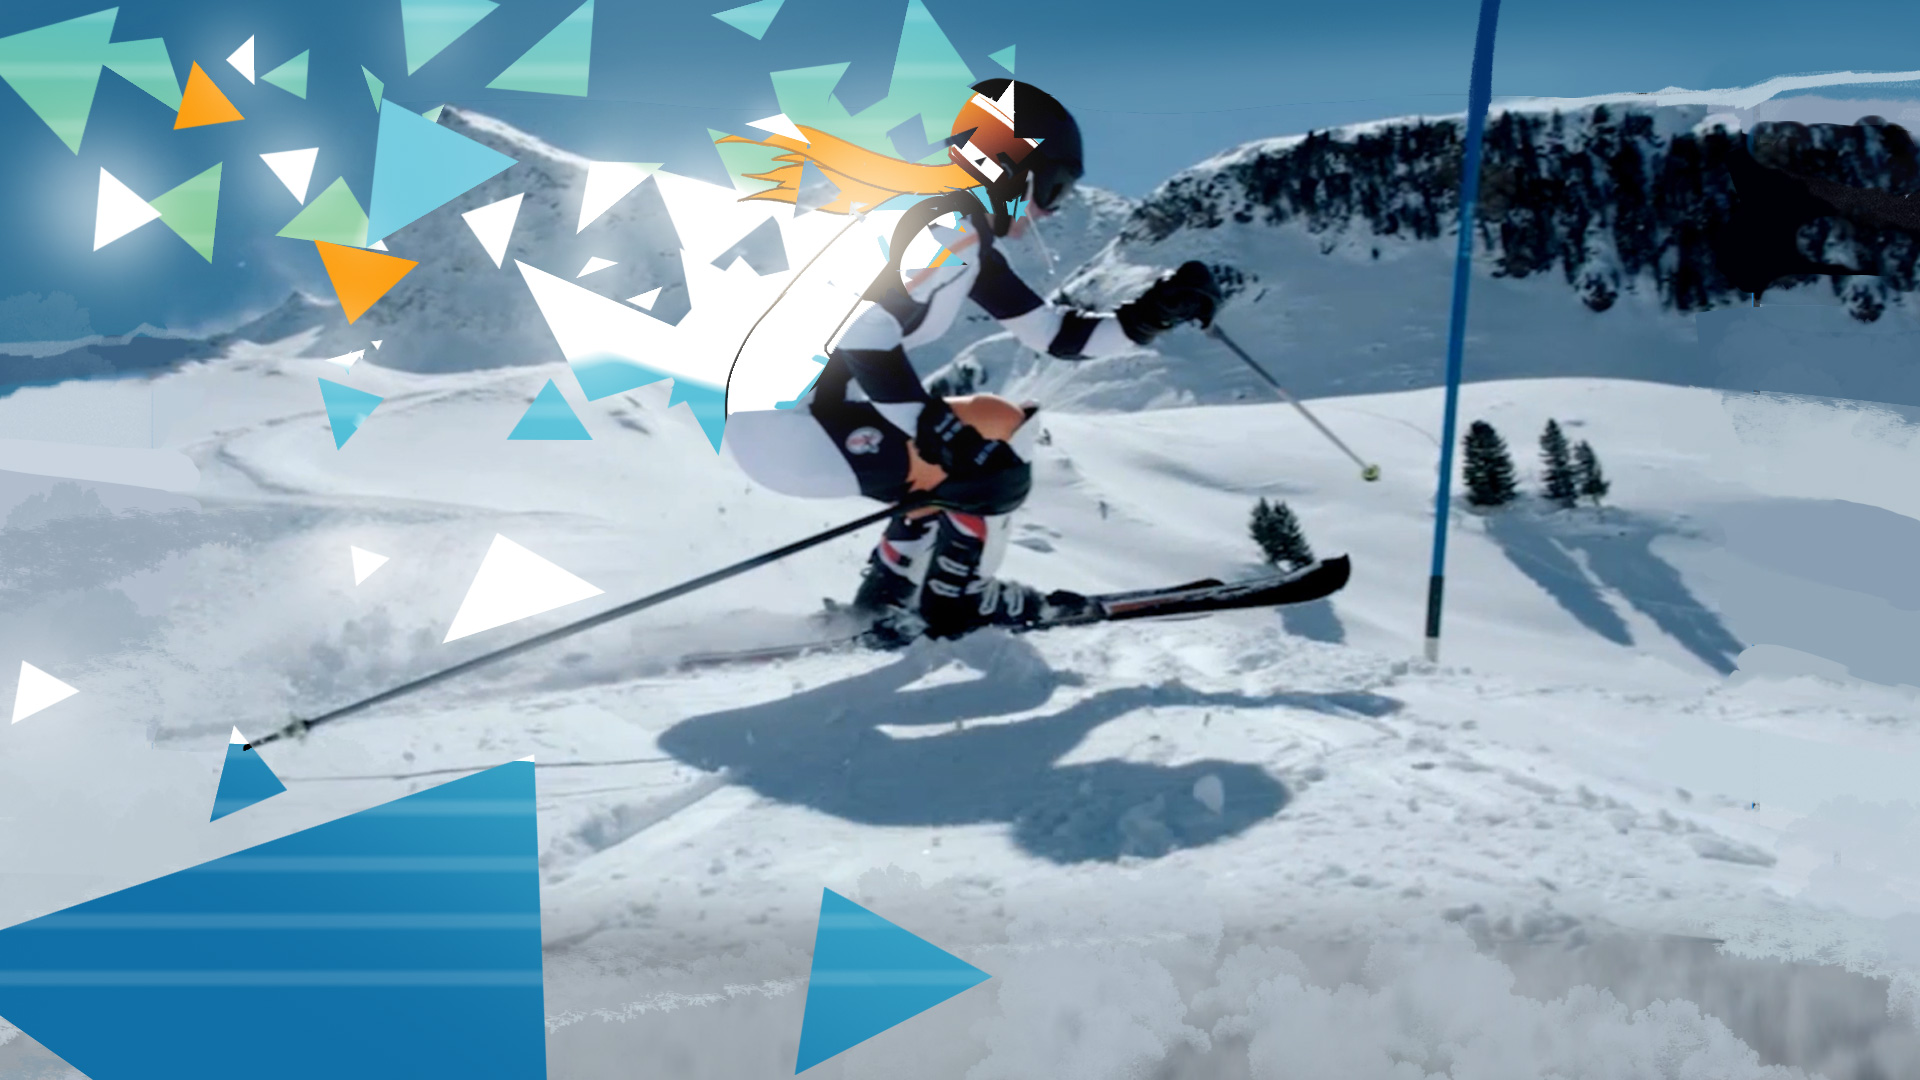 7 von 7, Styleframe erstellt als Teil eines Pitches zur ZDF Winterolympiade zusammen mit Bitteschön.TV